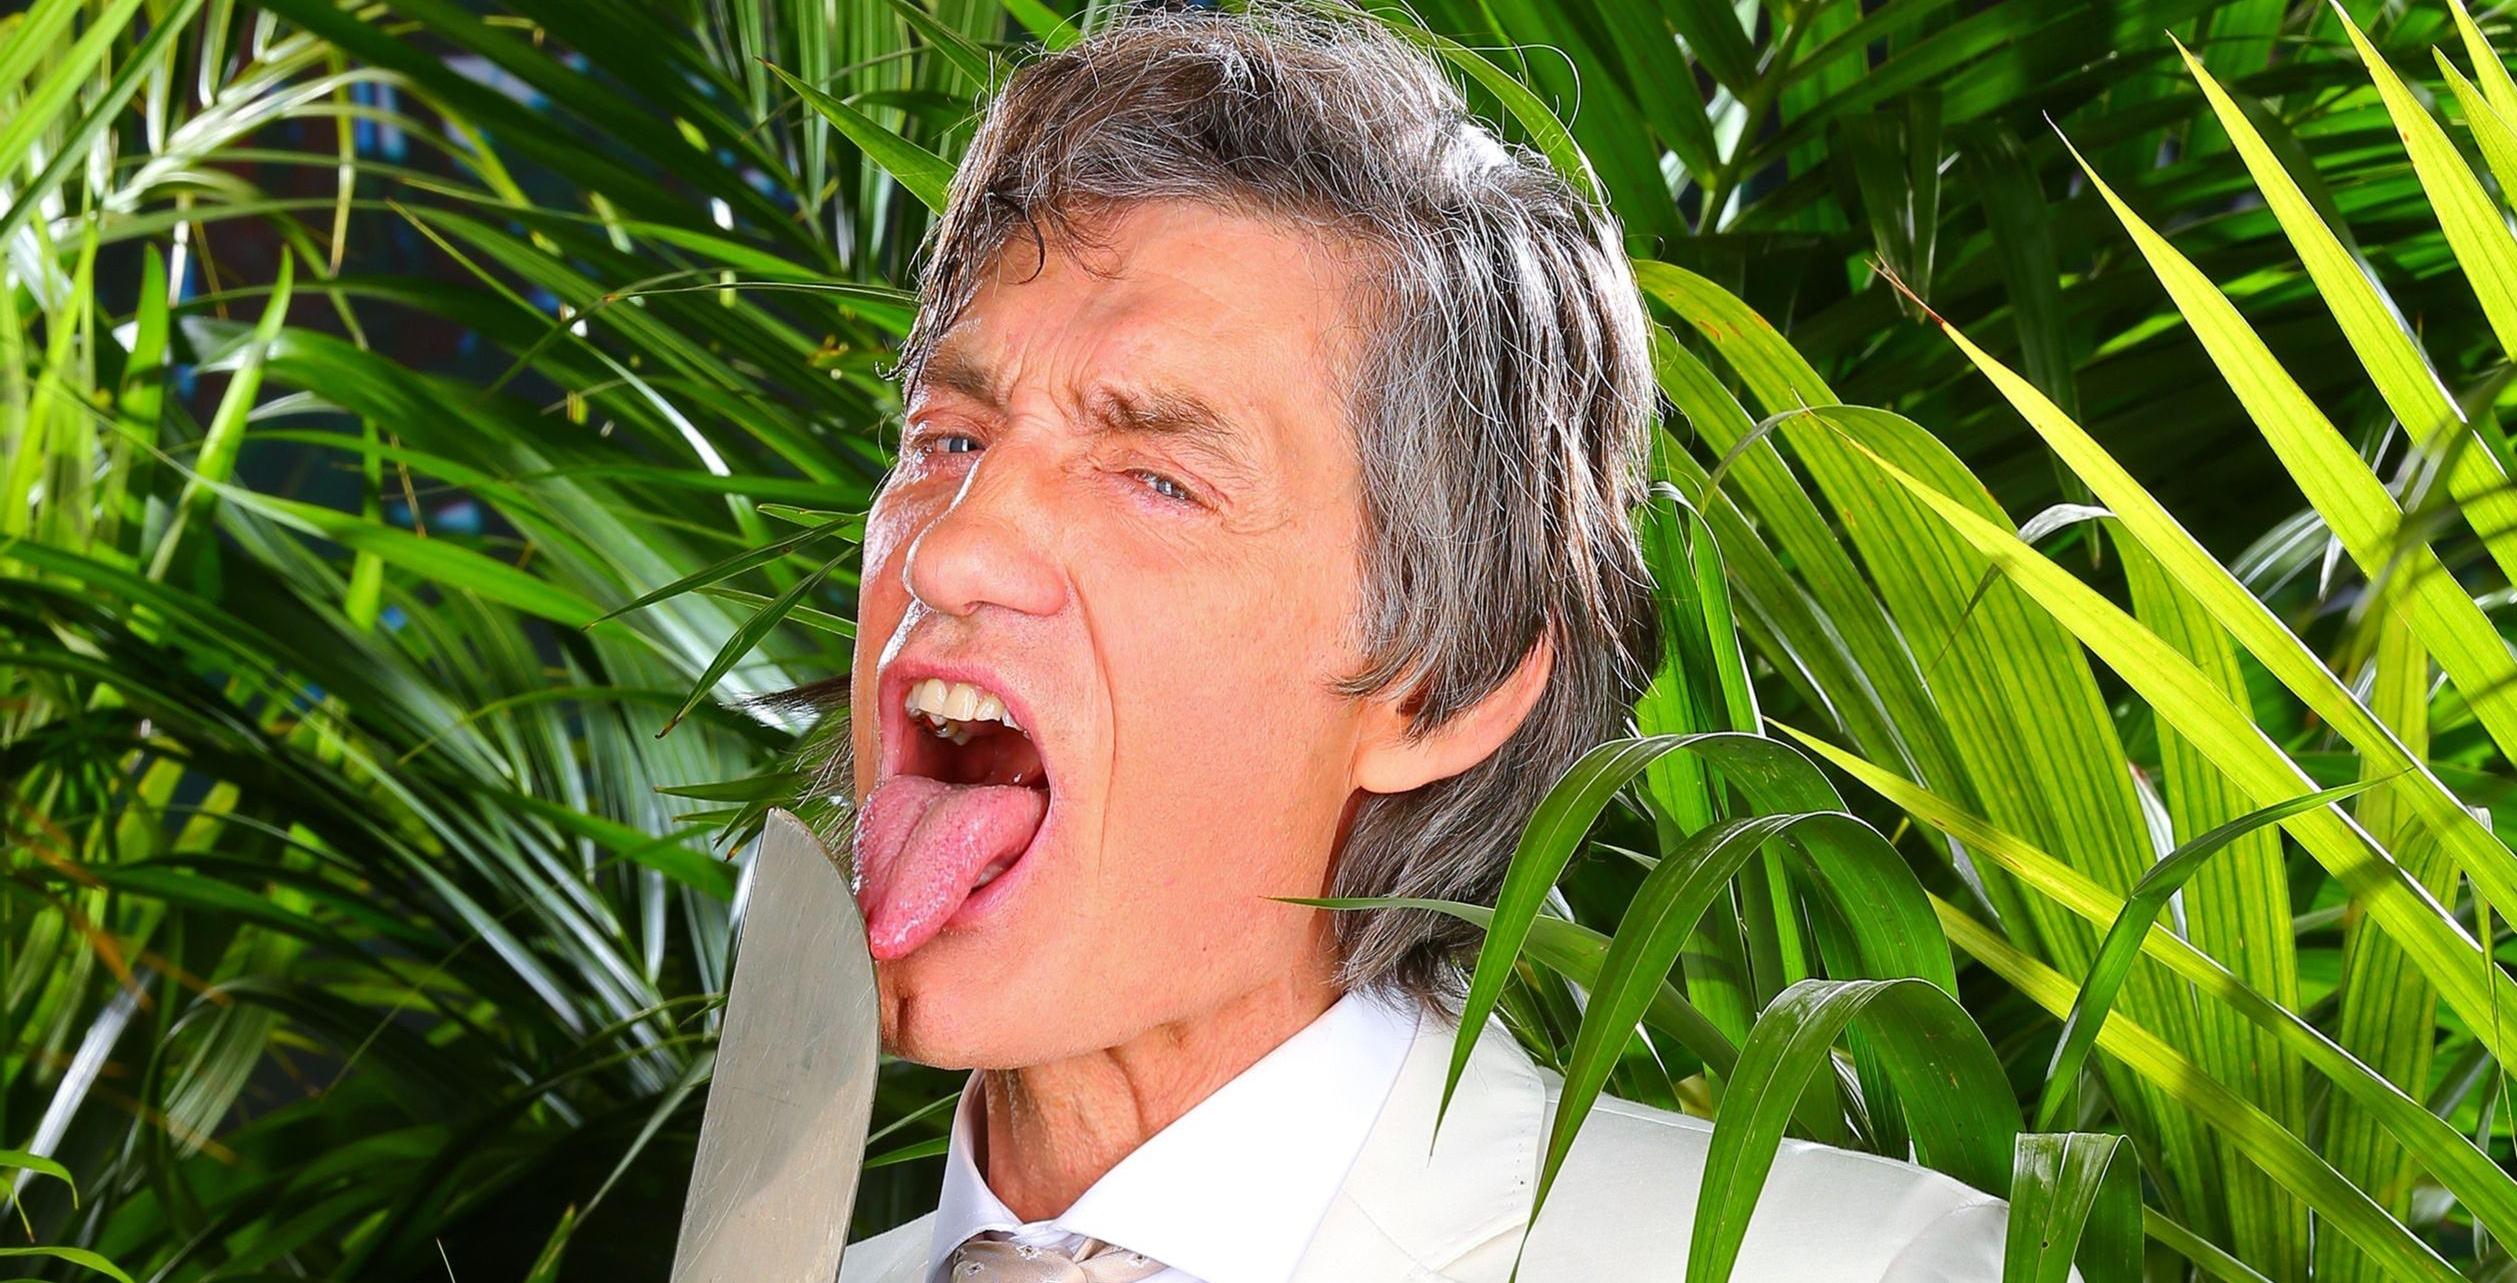 Winfried Glatzeder Dschungelcamp 2014 Kandidat